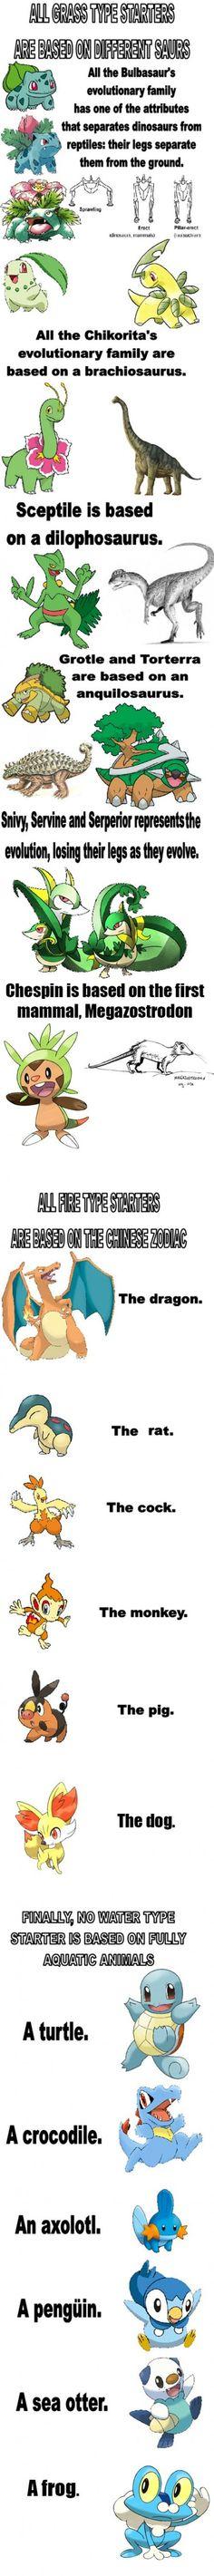 La verdad de los pokemon iniciales!